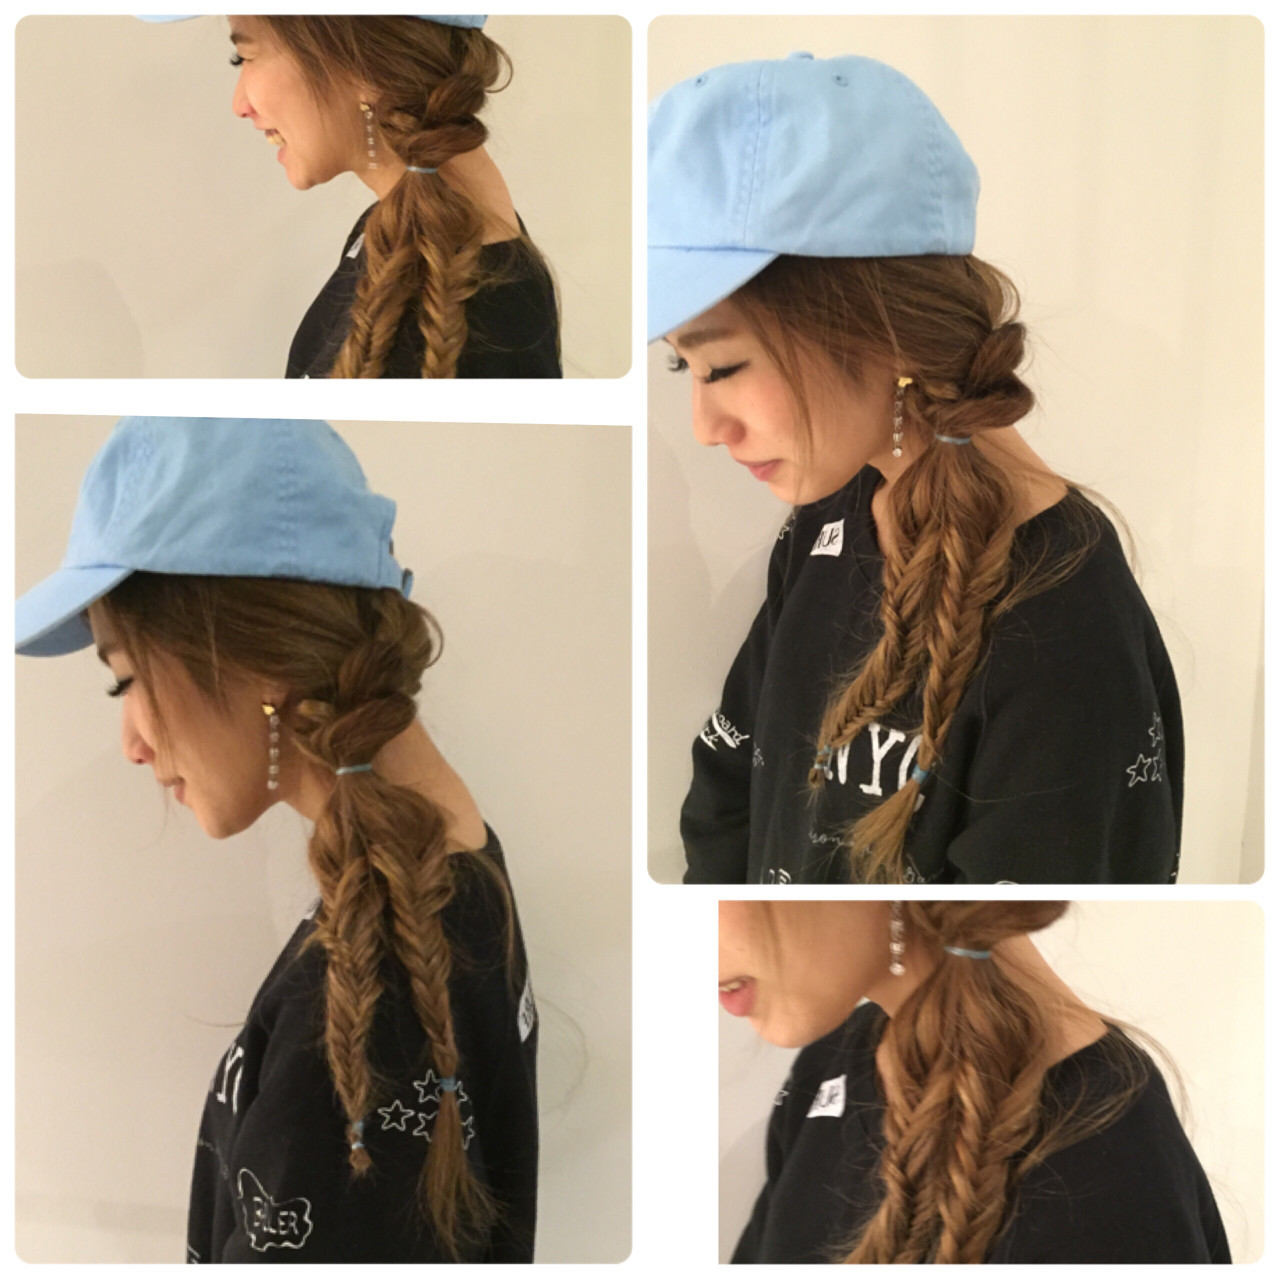 【髪型別】女子のためのキャップのかぶり方♡前髪・お団子・巻き髪…使えるtips集 北口 和樹